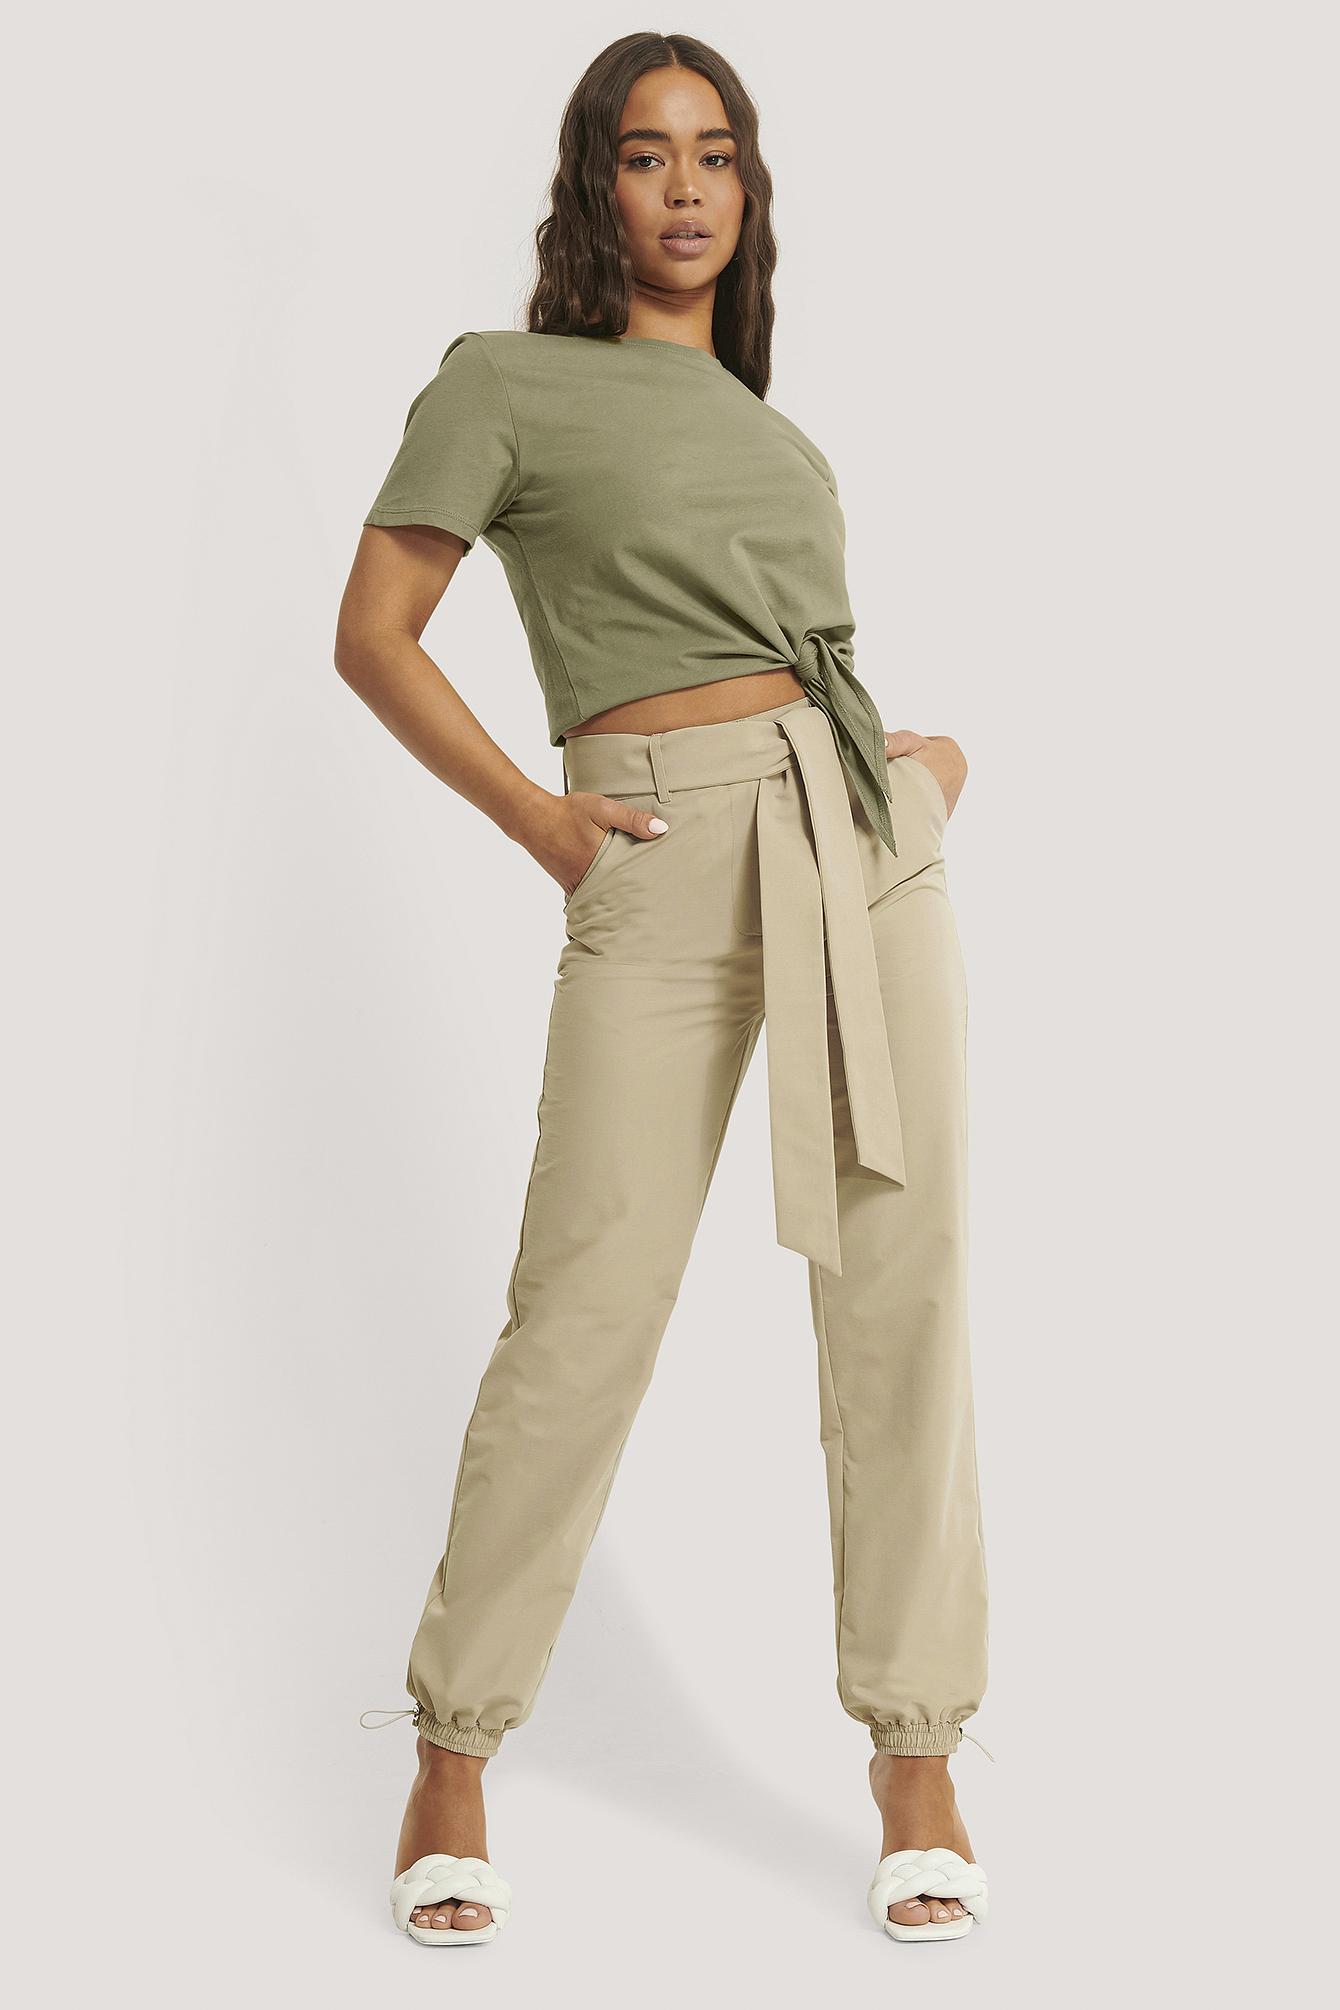 Sara Sieppi x NA-KD Weite Hose Mit Gürtel - Beige | Bekleidung > Hosen > Weite Hosen | Sara Sieppi x NA-KD